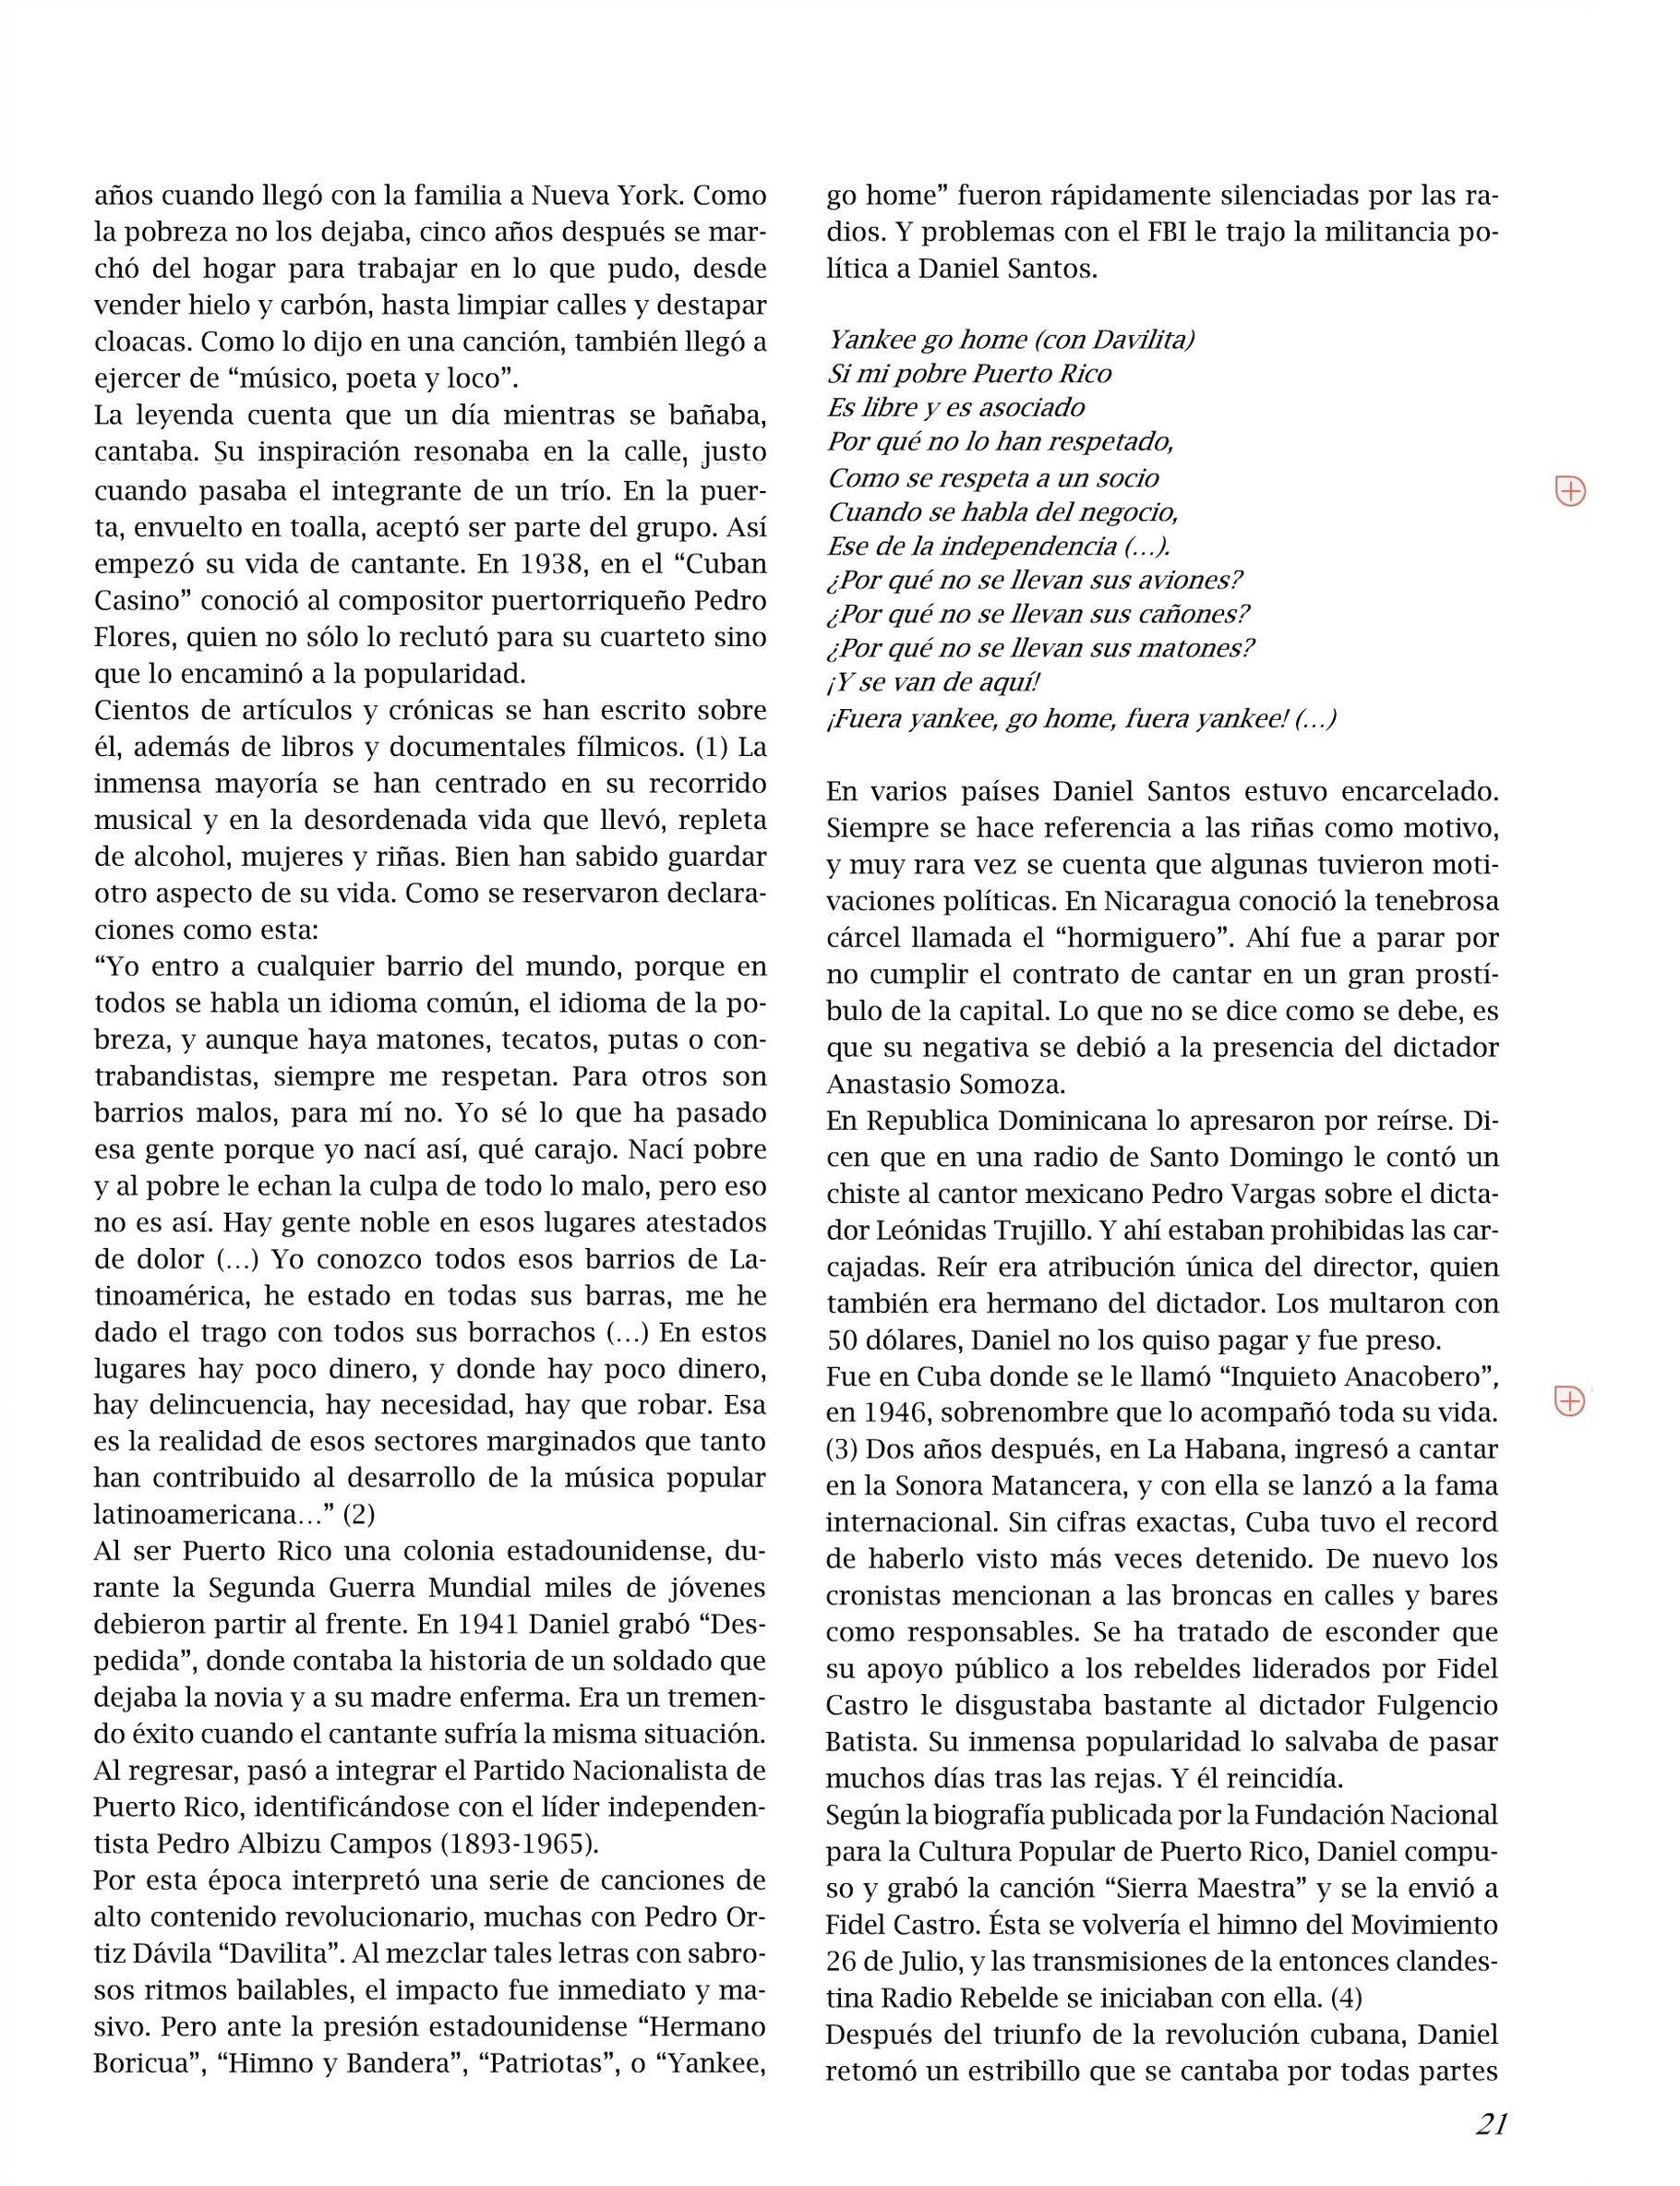 DANIEL SANTOS - Página web de acme-cali 854be1f2be0